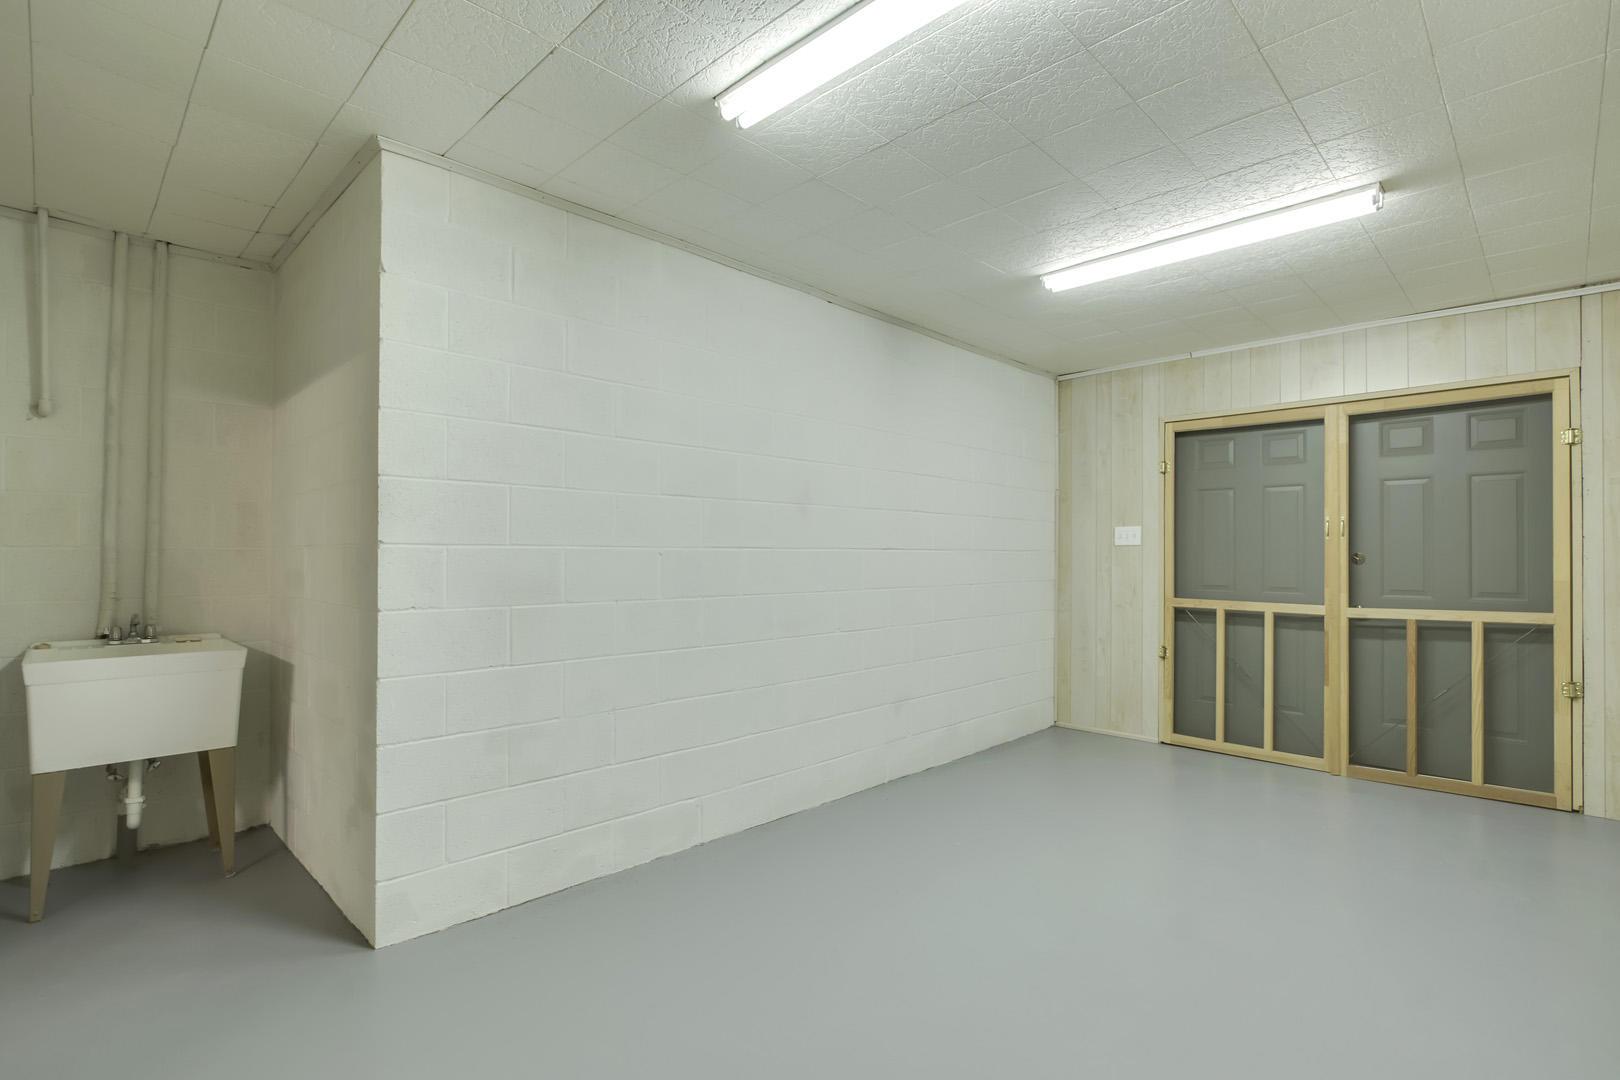 202 Tanasi Place: